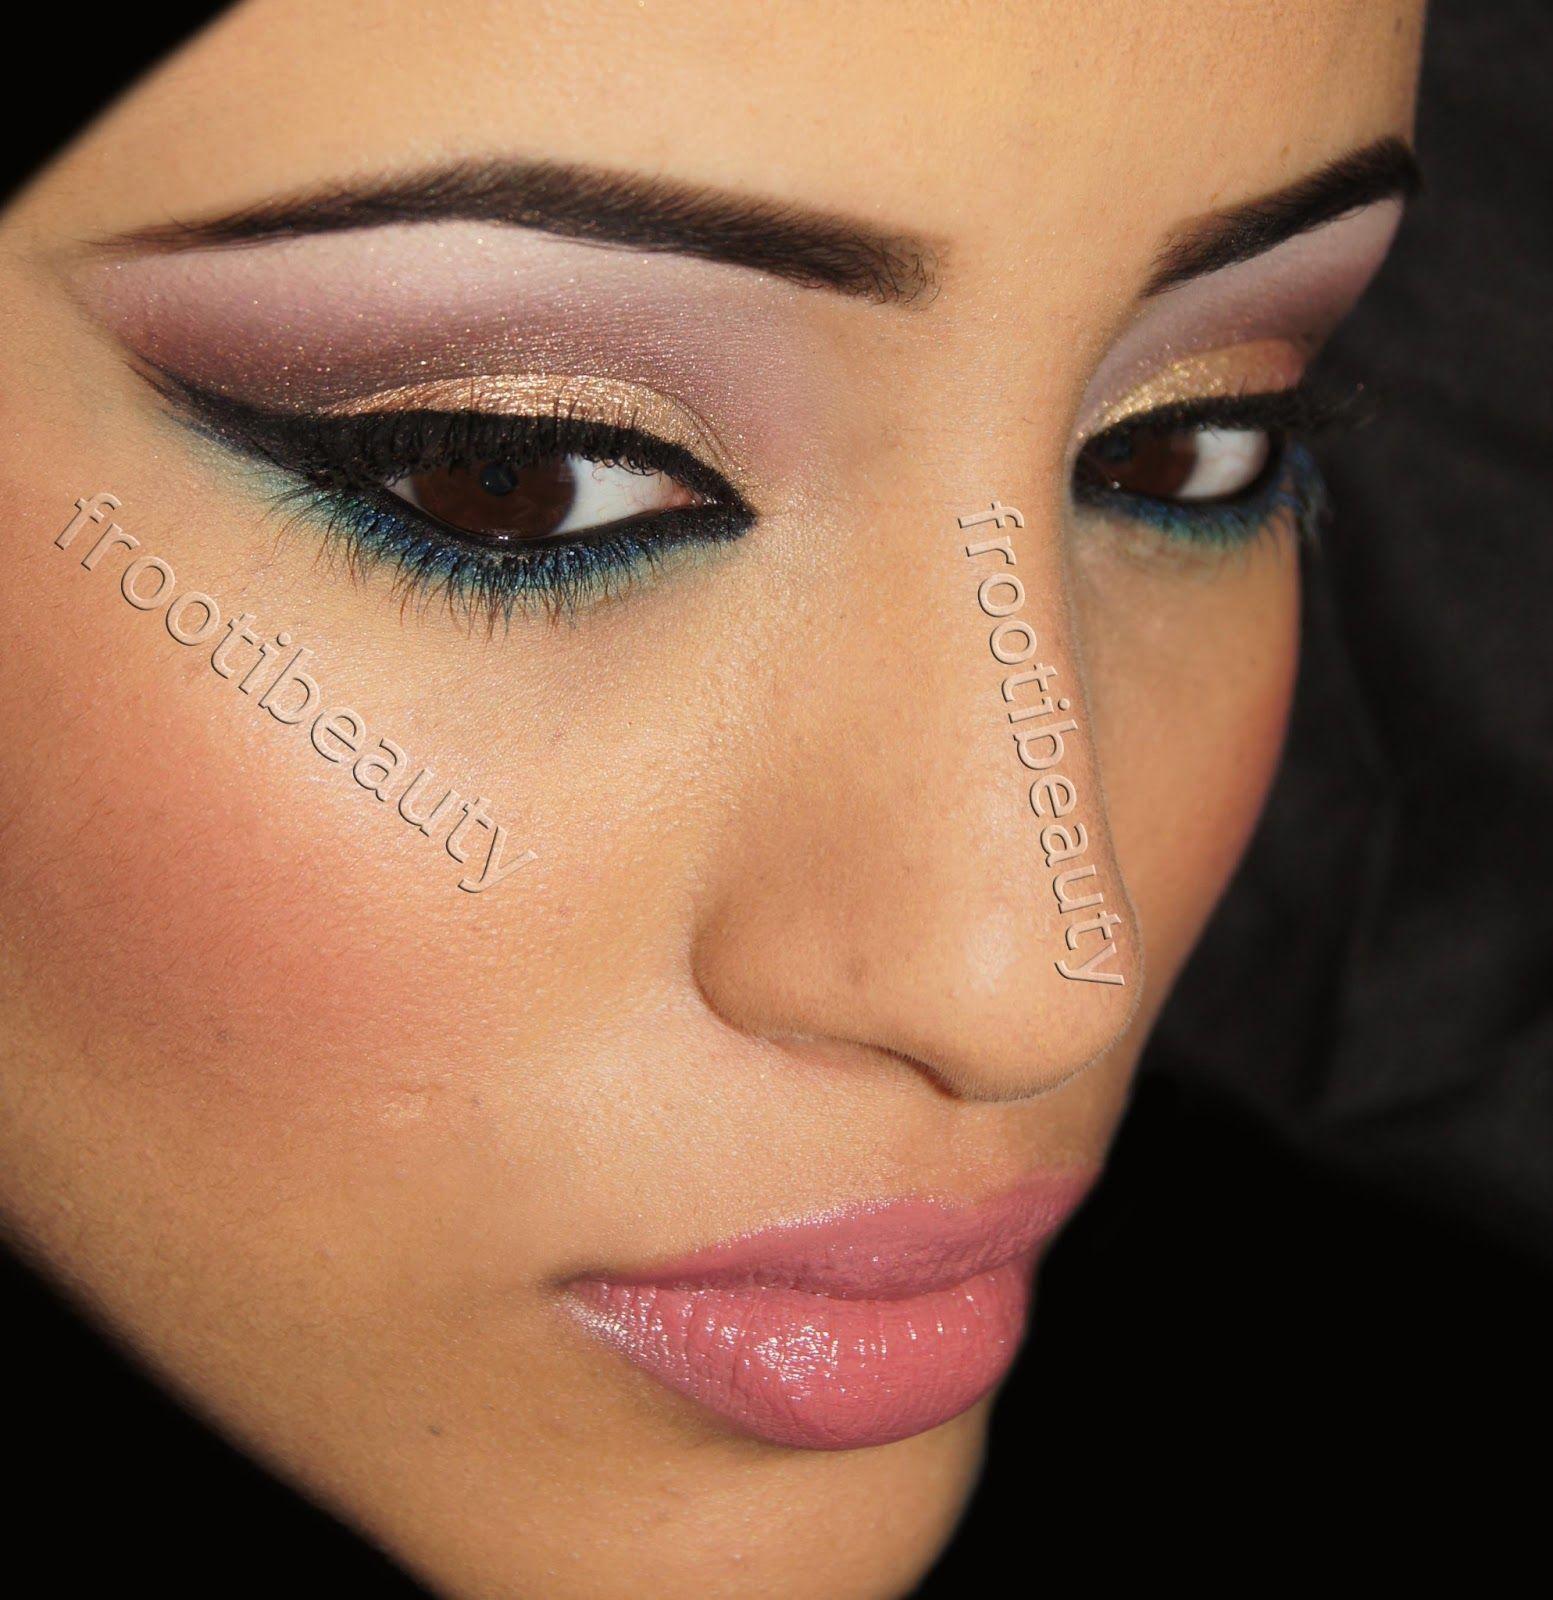 Mac Wedding Makeup | Mac Makeup Looks Wedding Green-blue makeup look ...